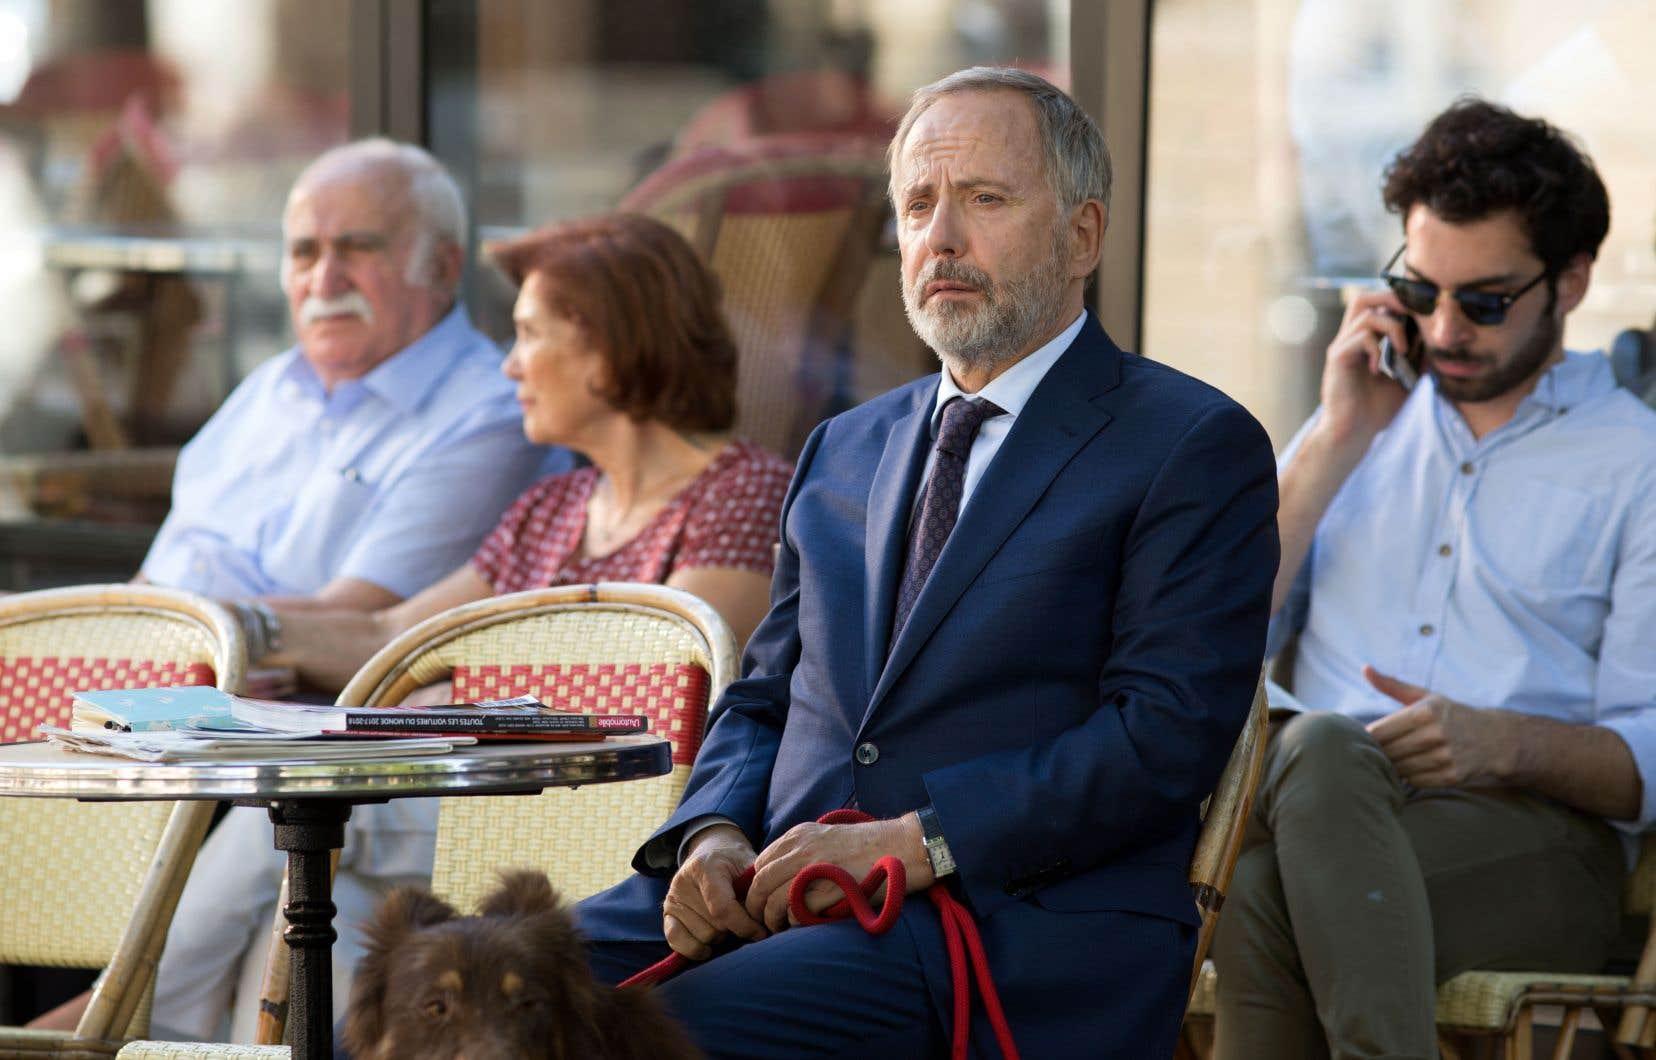 Fabrice Luchini interprète Alain Wapler, un personnage inspiré de Christian Streiff, patron des plus grandes entreprises européennes, dont Airbus, et victime d'un AVC.